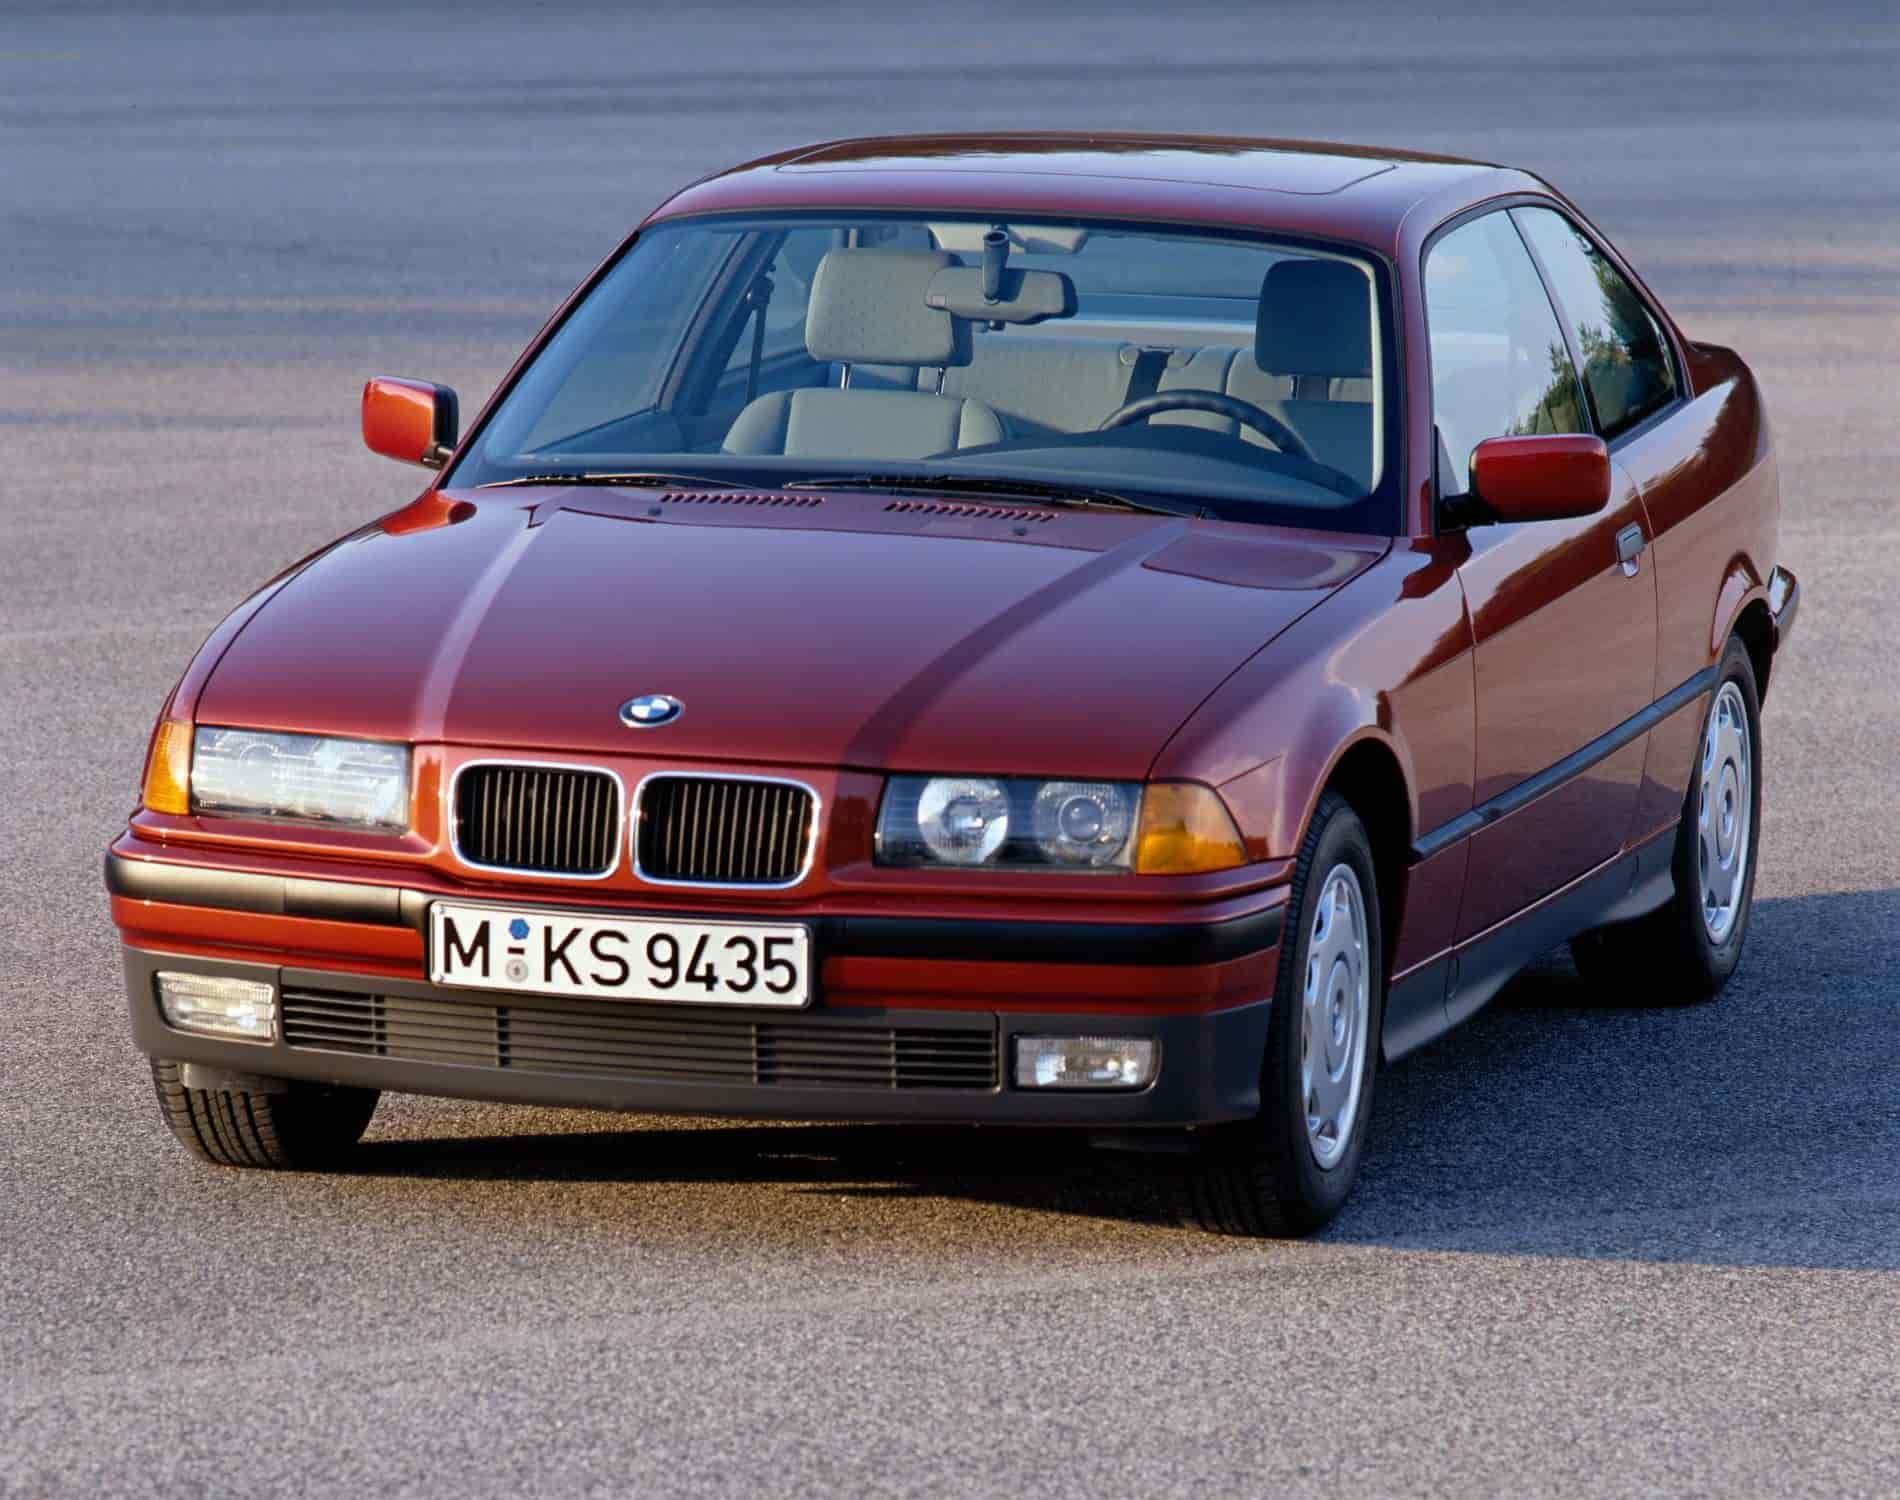 6. BMW Serie 3 (E36) - 1990.La llegada de la tercera generación del BMW Serie 3, mostraba la parrilla doble visiblemente rectangular con esquinas redondeadas, con un diseño plano, extendido en horizontal y las dos mitades del conjunto de ventilación volvieron a aparecer alejadas. Sin embargo no estaban separadas de los faros por otras parrillas, simplemente contaba con una superficie plana en el color de la carrocería. Este diseño influyó en muchos modelos de los 90´s.